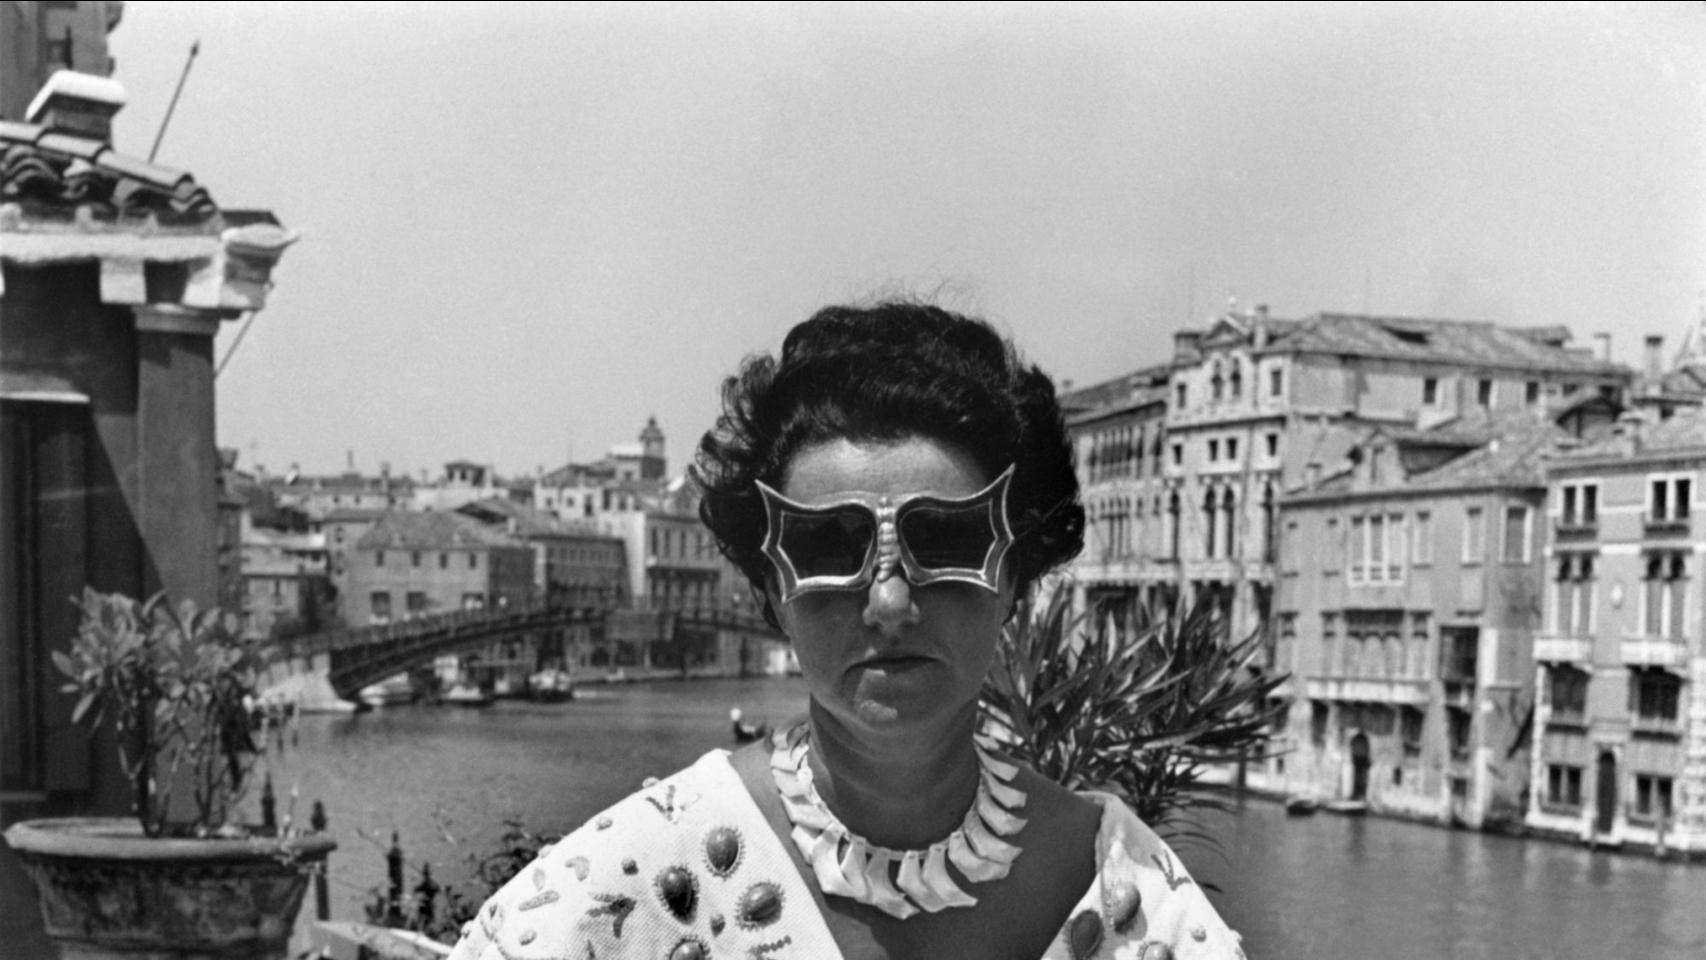 Peggy Guggenheim con las gafas que el artista Edward Melcarth creó para ella.